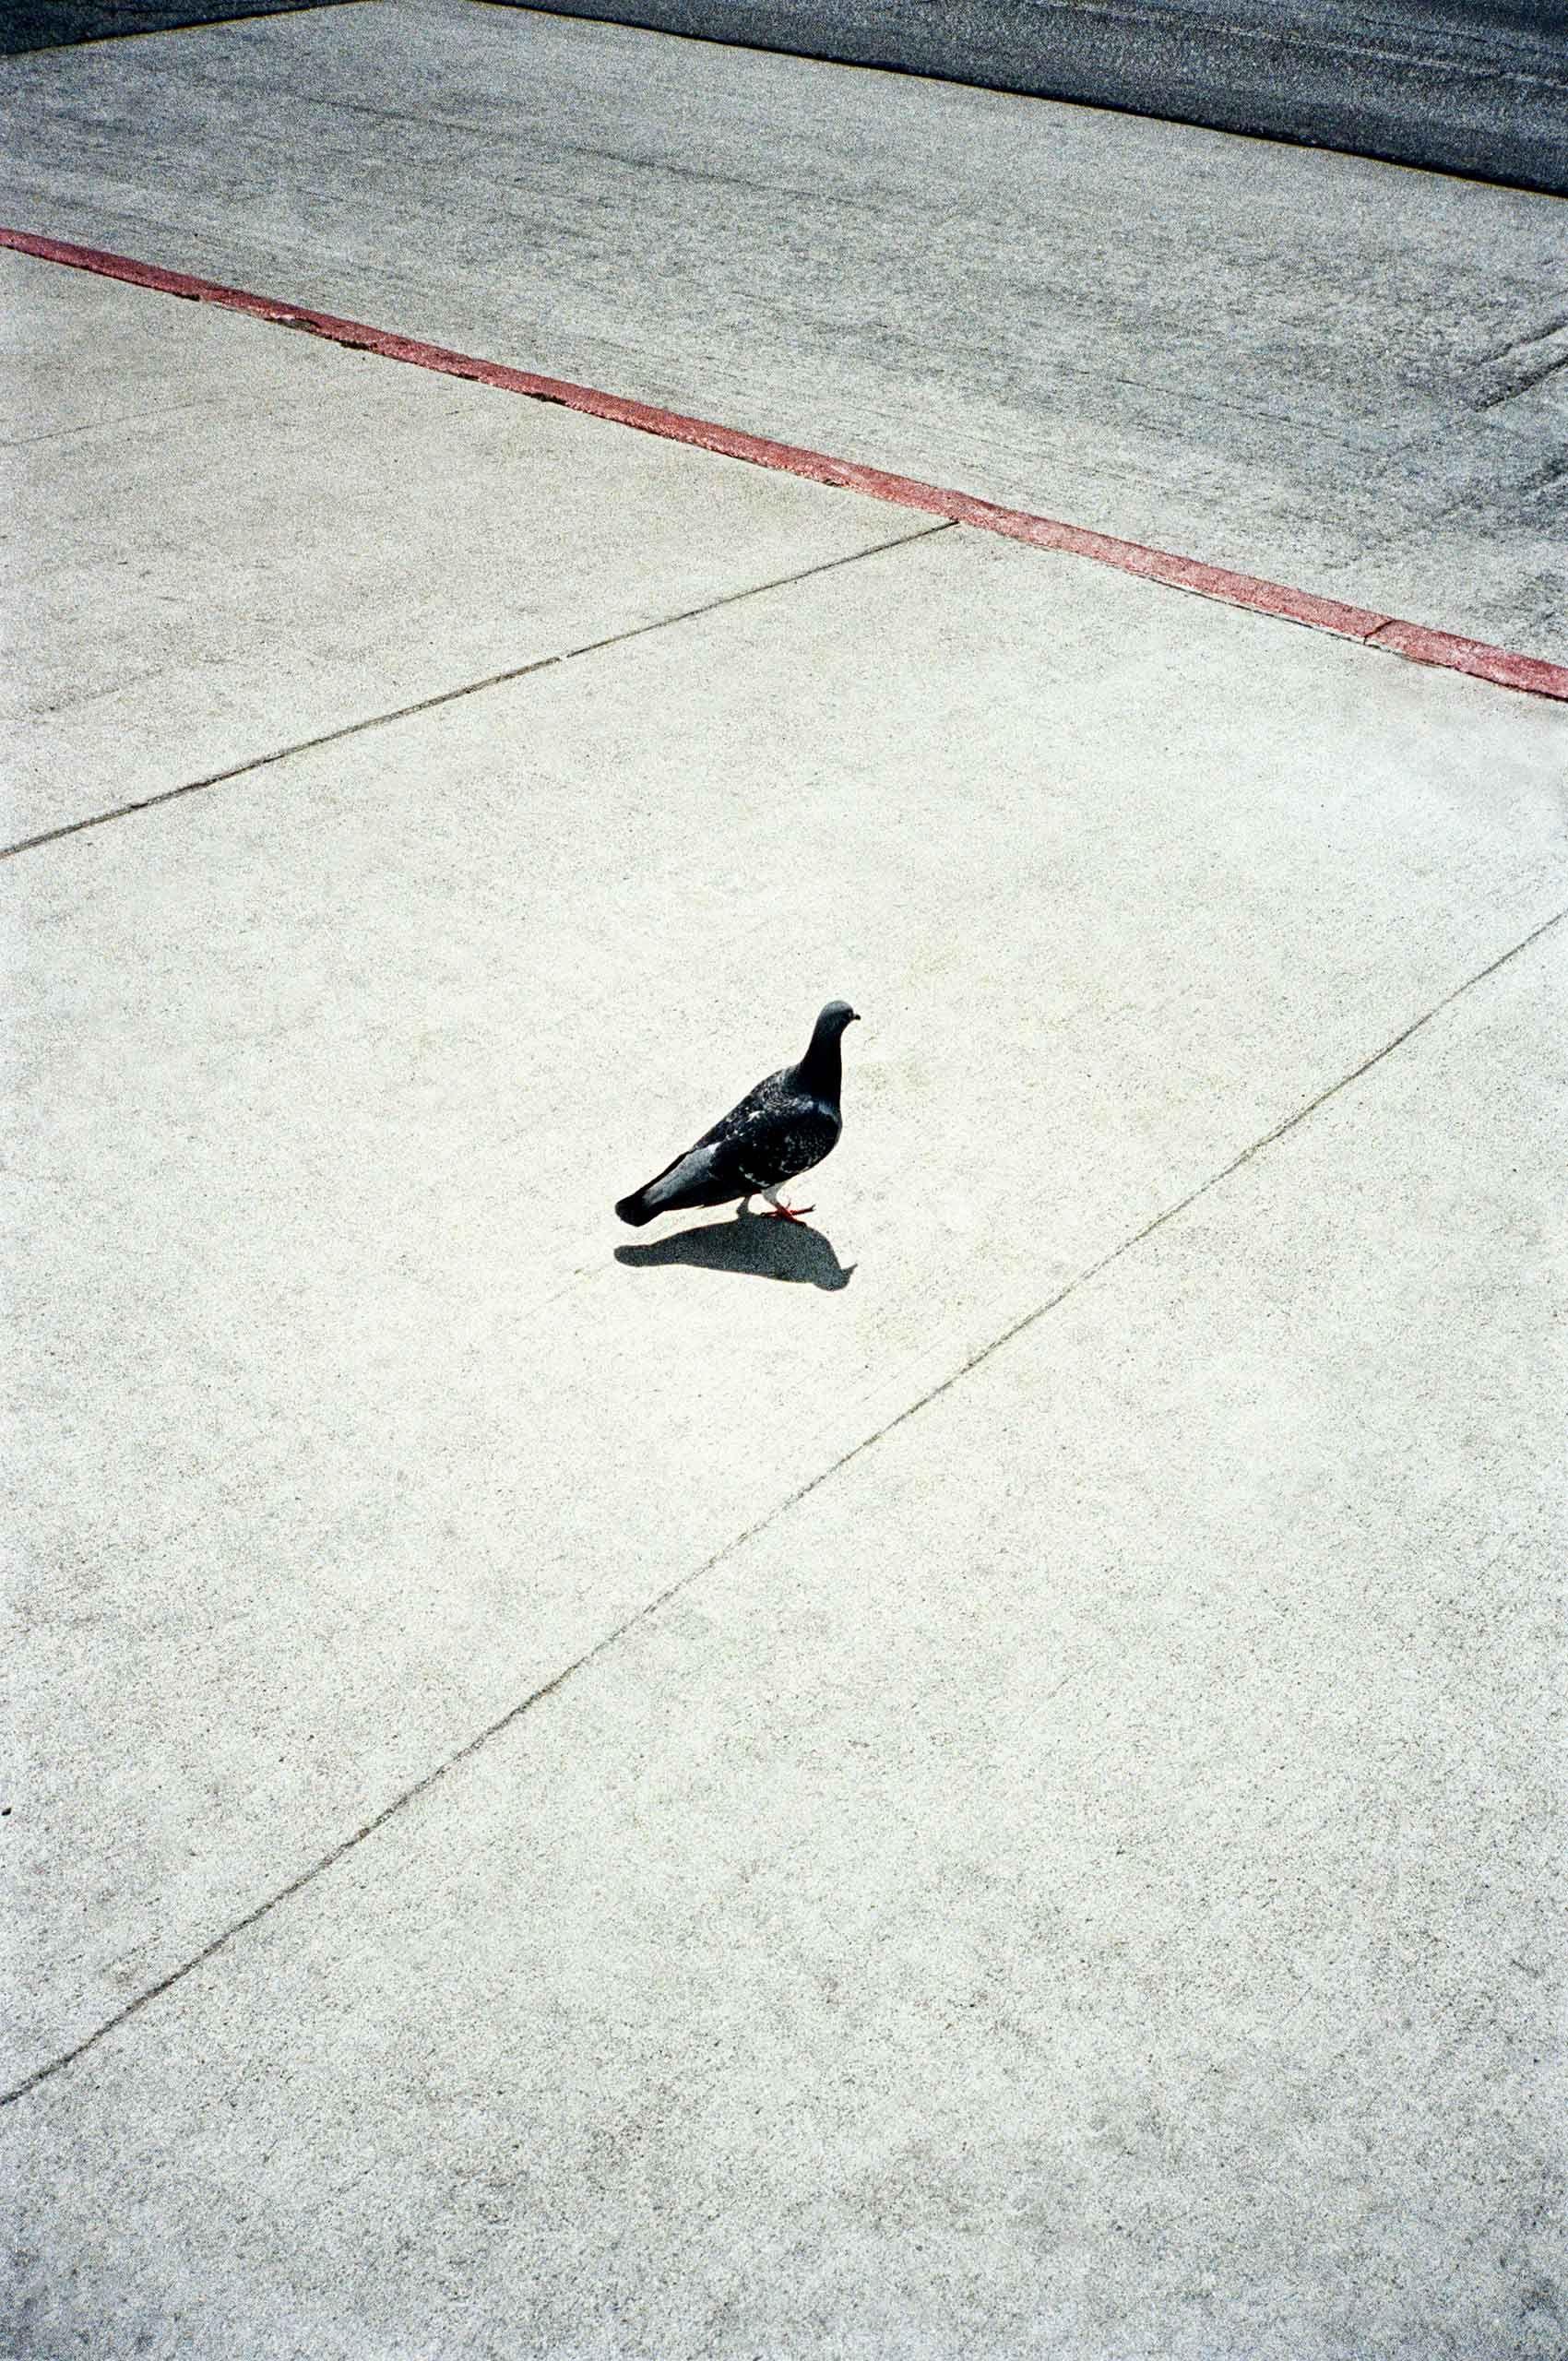 Dove-on-street-LosAngeles-by-HenrikOlundPhotography.jpg